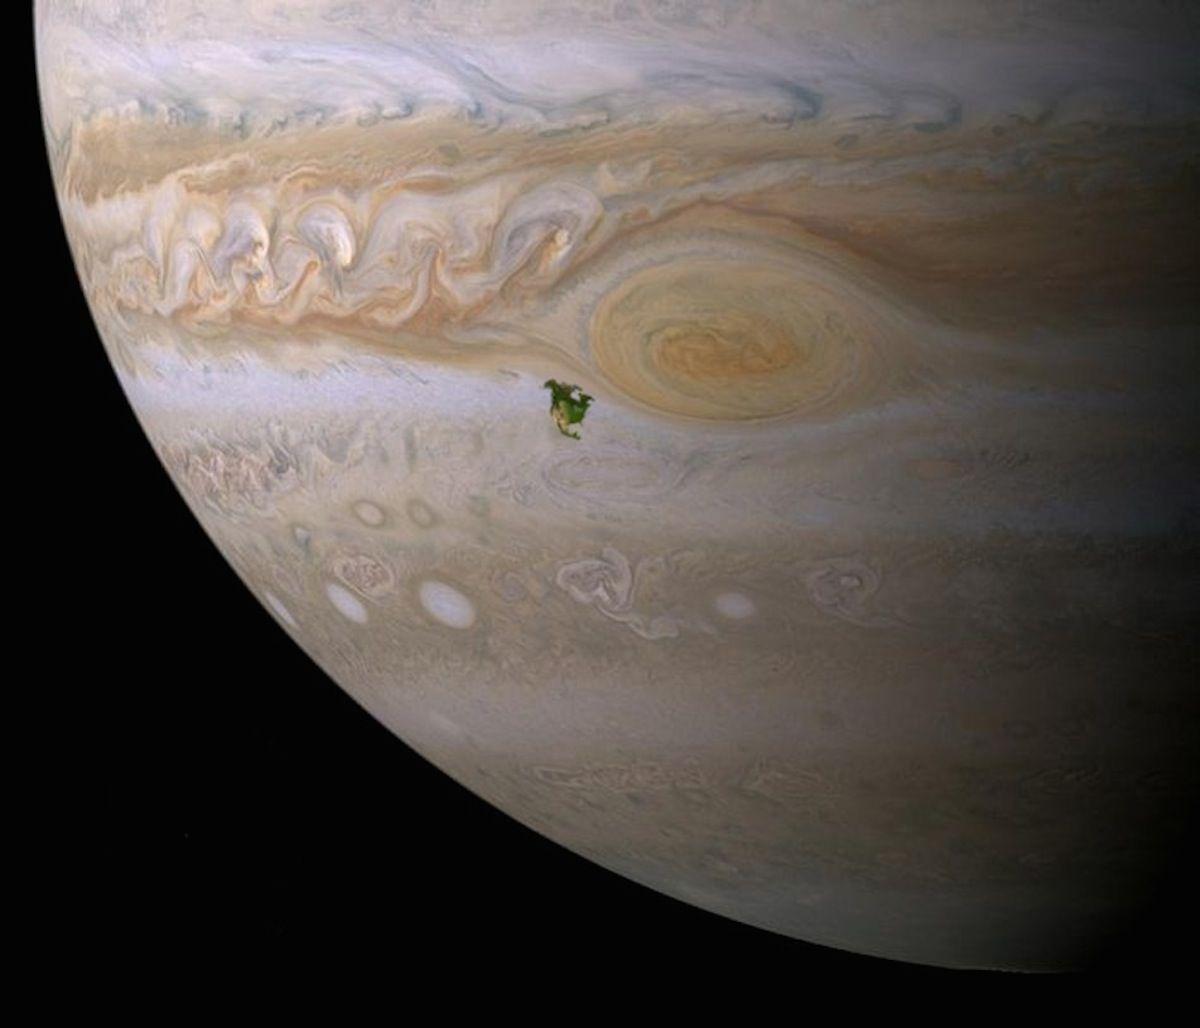 5 космических фото, на которых ты увидишь, насколько наша Земля маленькая Земля